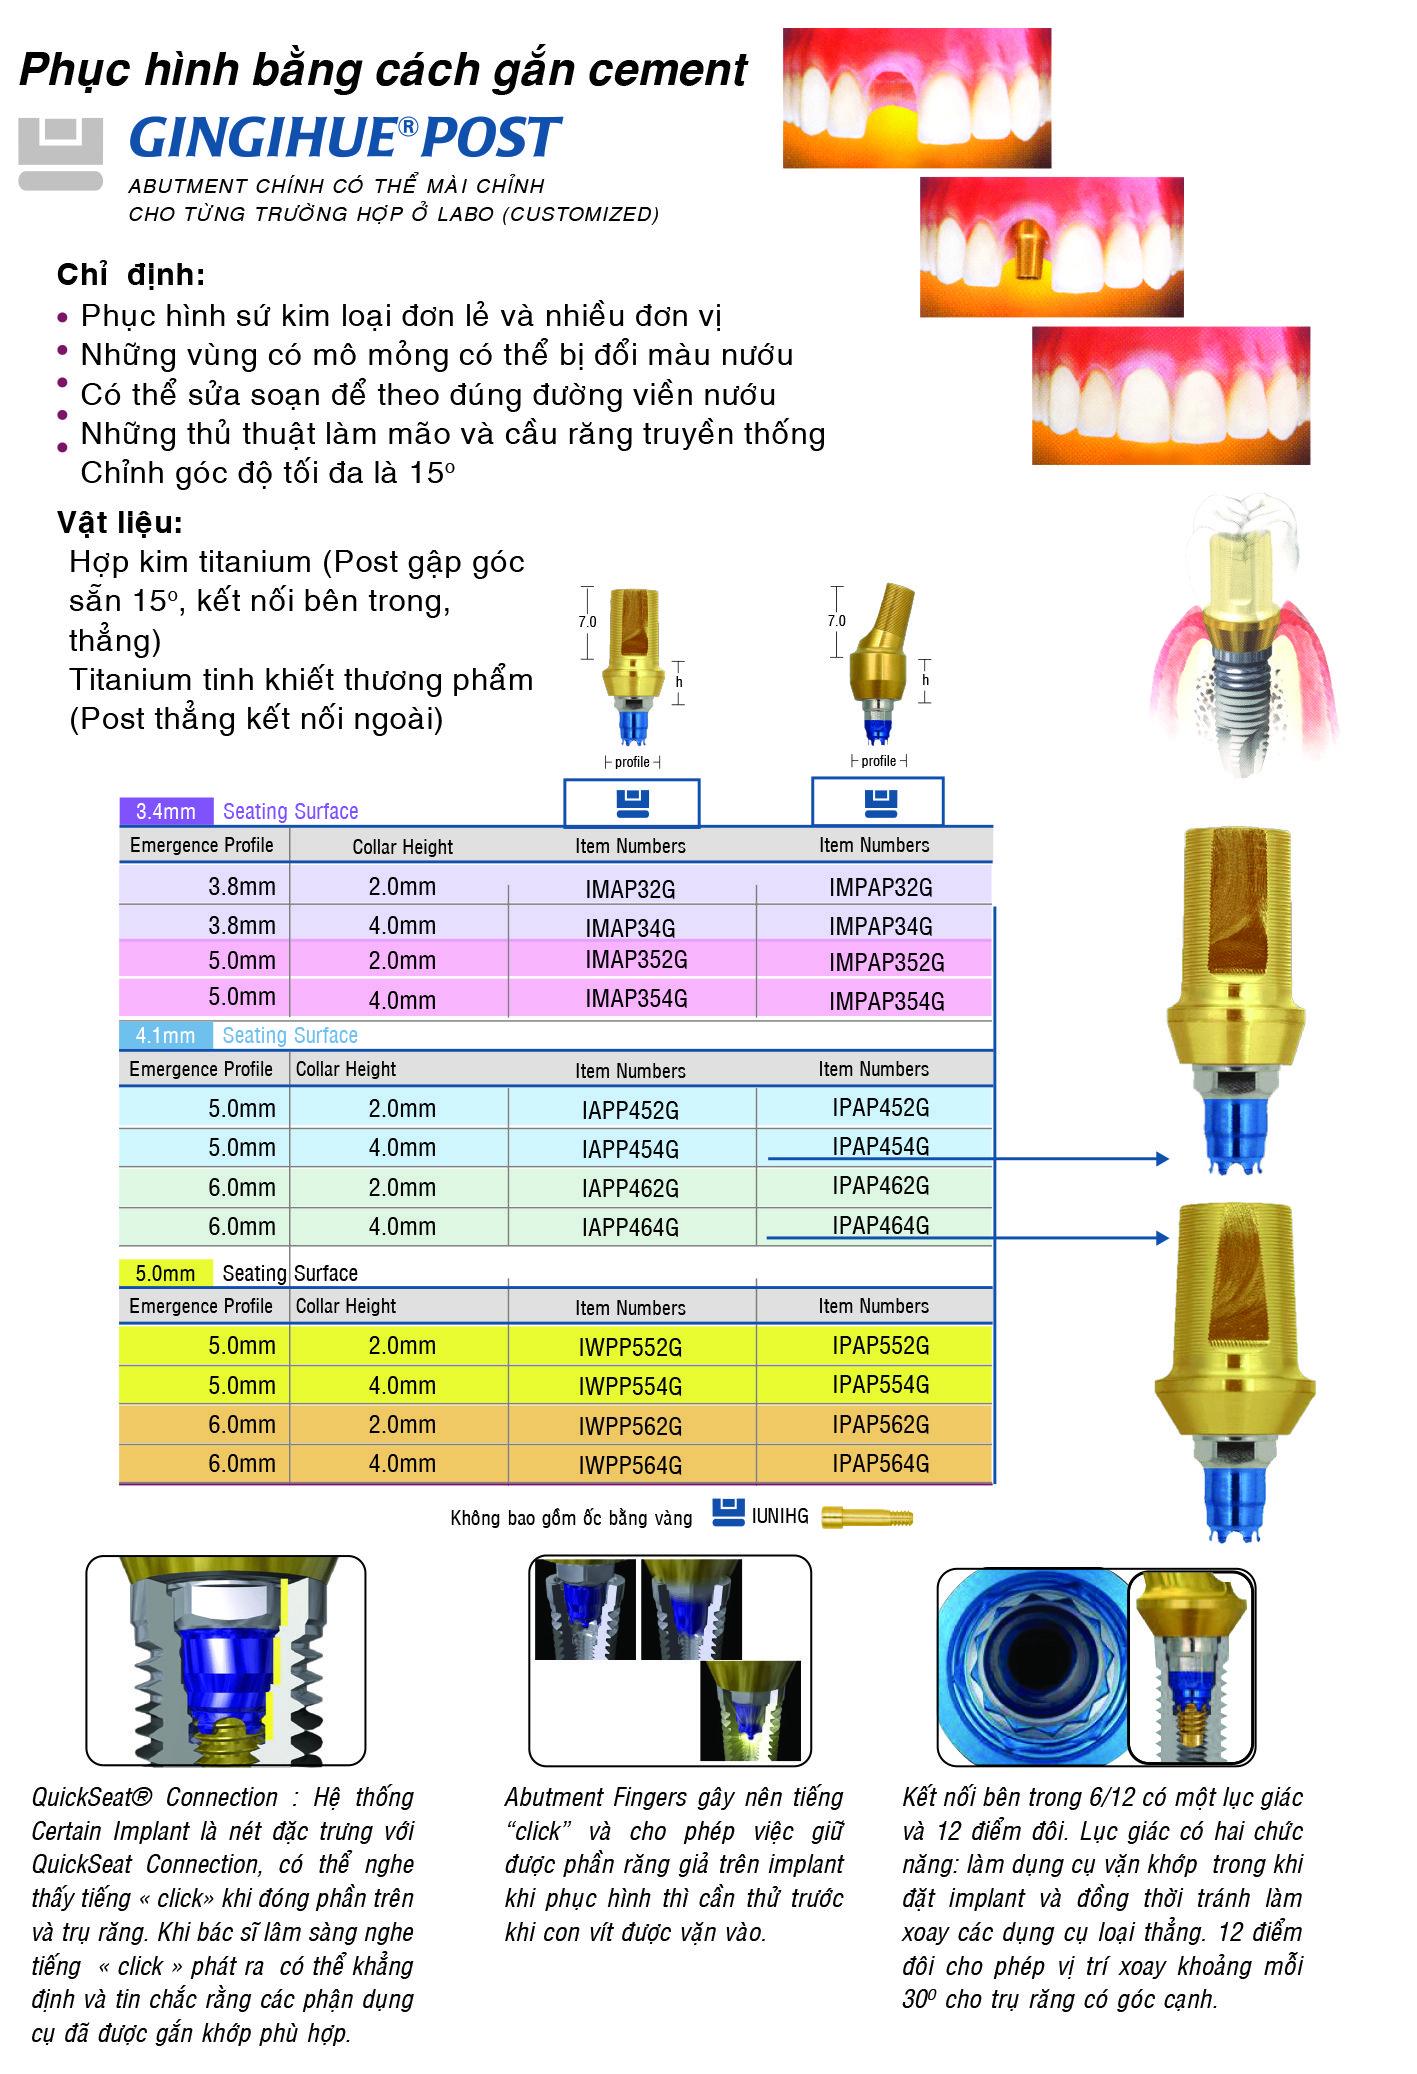 257-1-Implant-3I